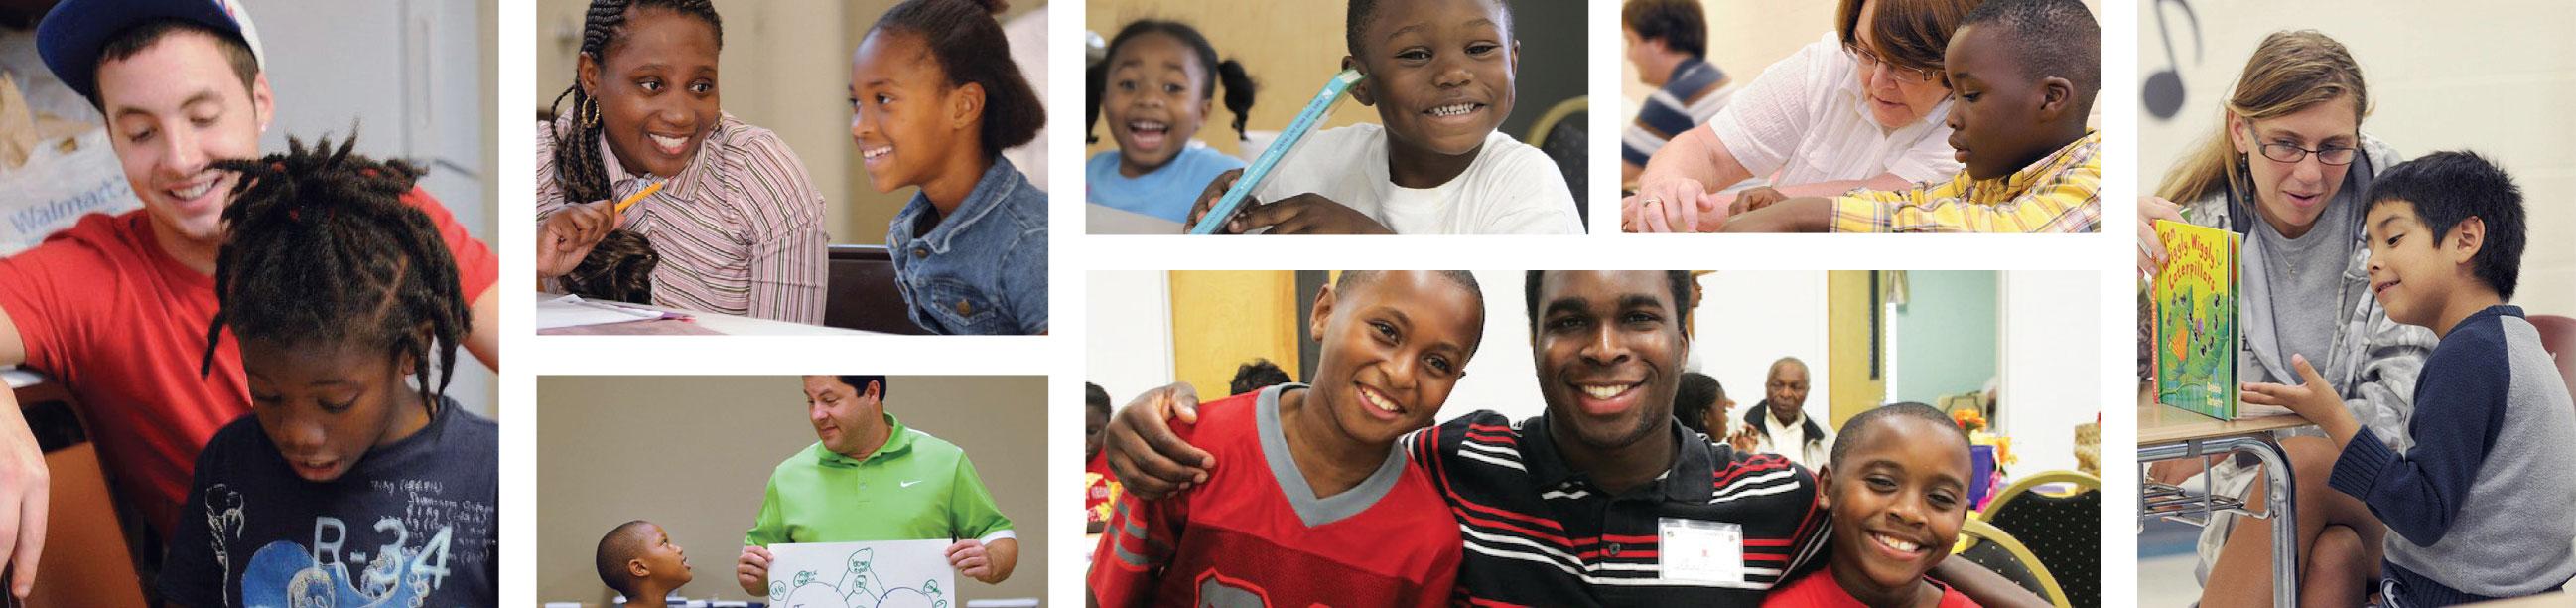 Photos of volunteers working with scholars.